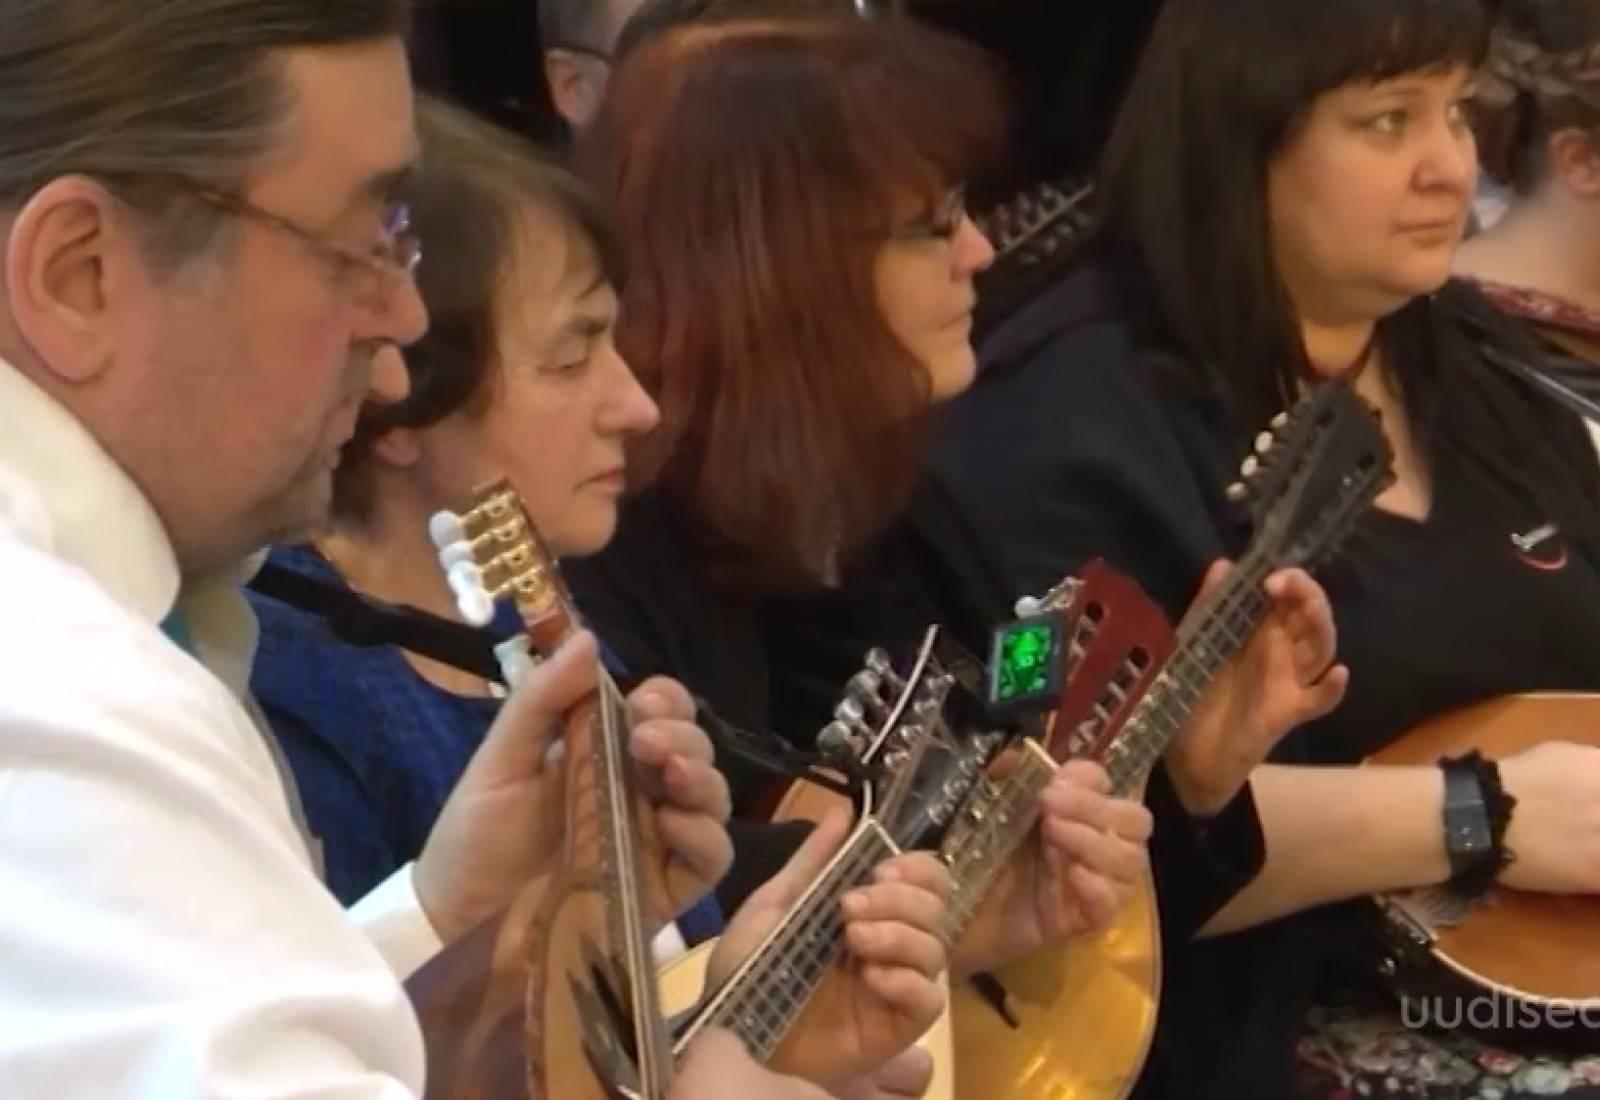 Video! Vaata, kuidas harjutavad sada mandoliinimängijat peagi startivaks kontserttuuriks